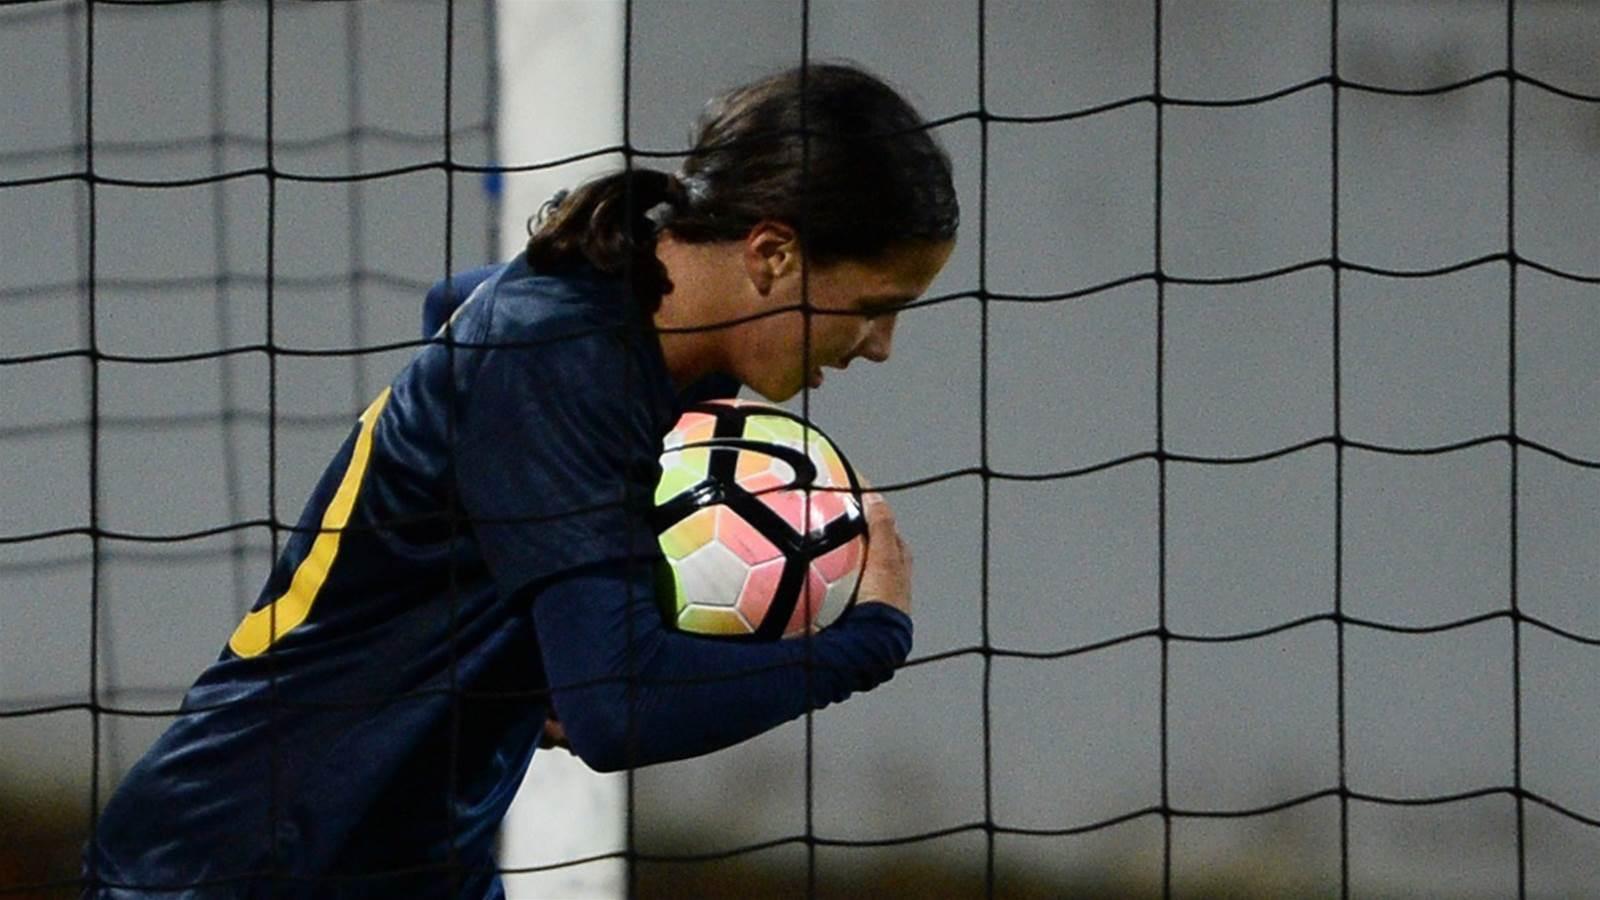 No Sam Kerr for Matildas' Euro tour